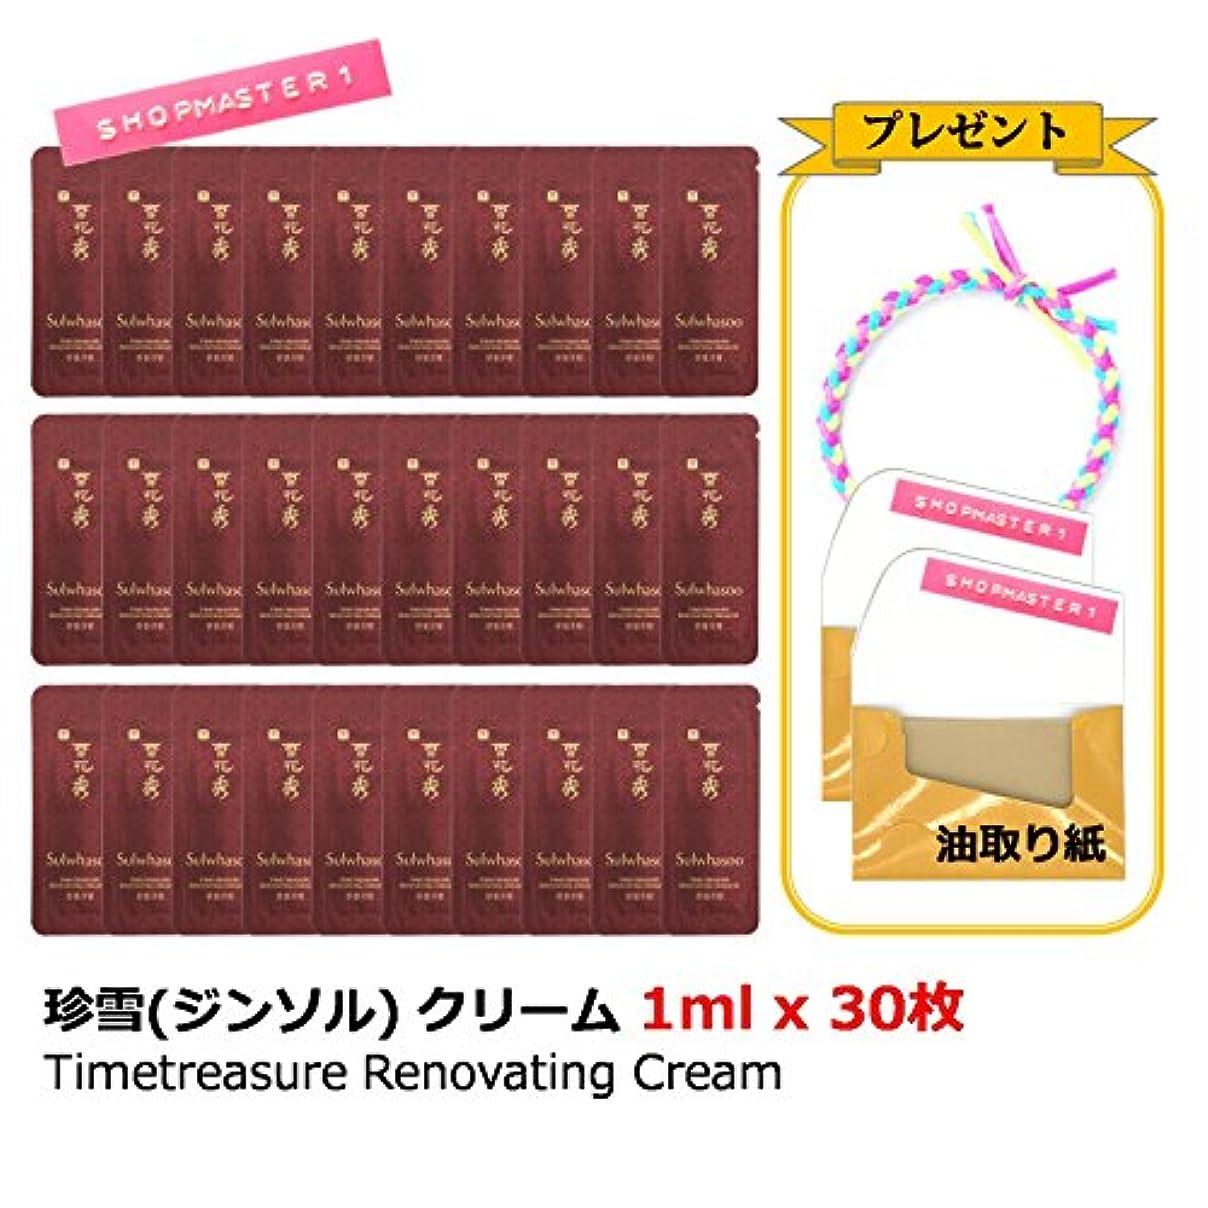 スコットランド人何よりも拮抗【Sulwhasoo ソルファス】珍雪(ジンソル) クリーム 1ml x 30枚 Timetreasure Renovating Cream/プレゼント 油取り紙 2個(30枚ずつ)、ヘアタイ/海外直配送